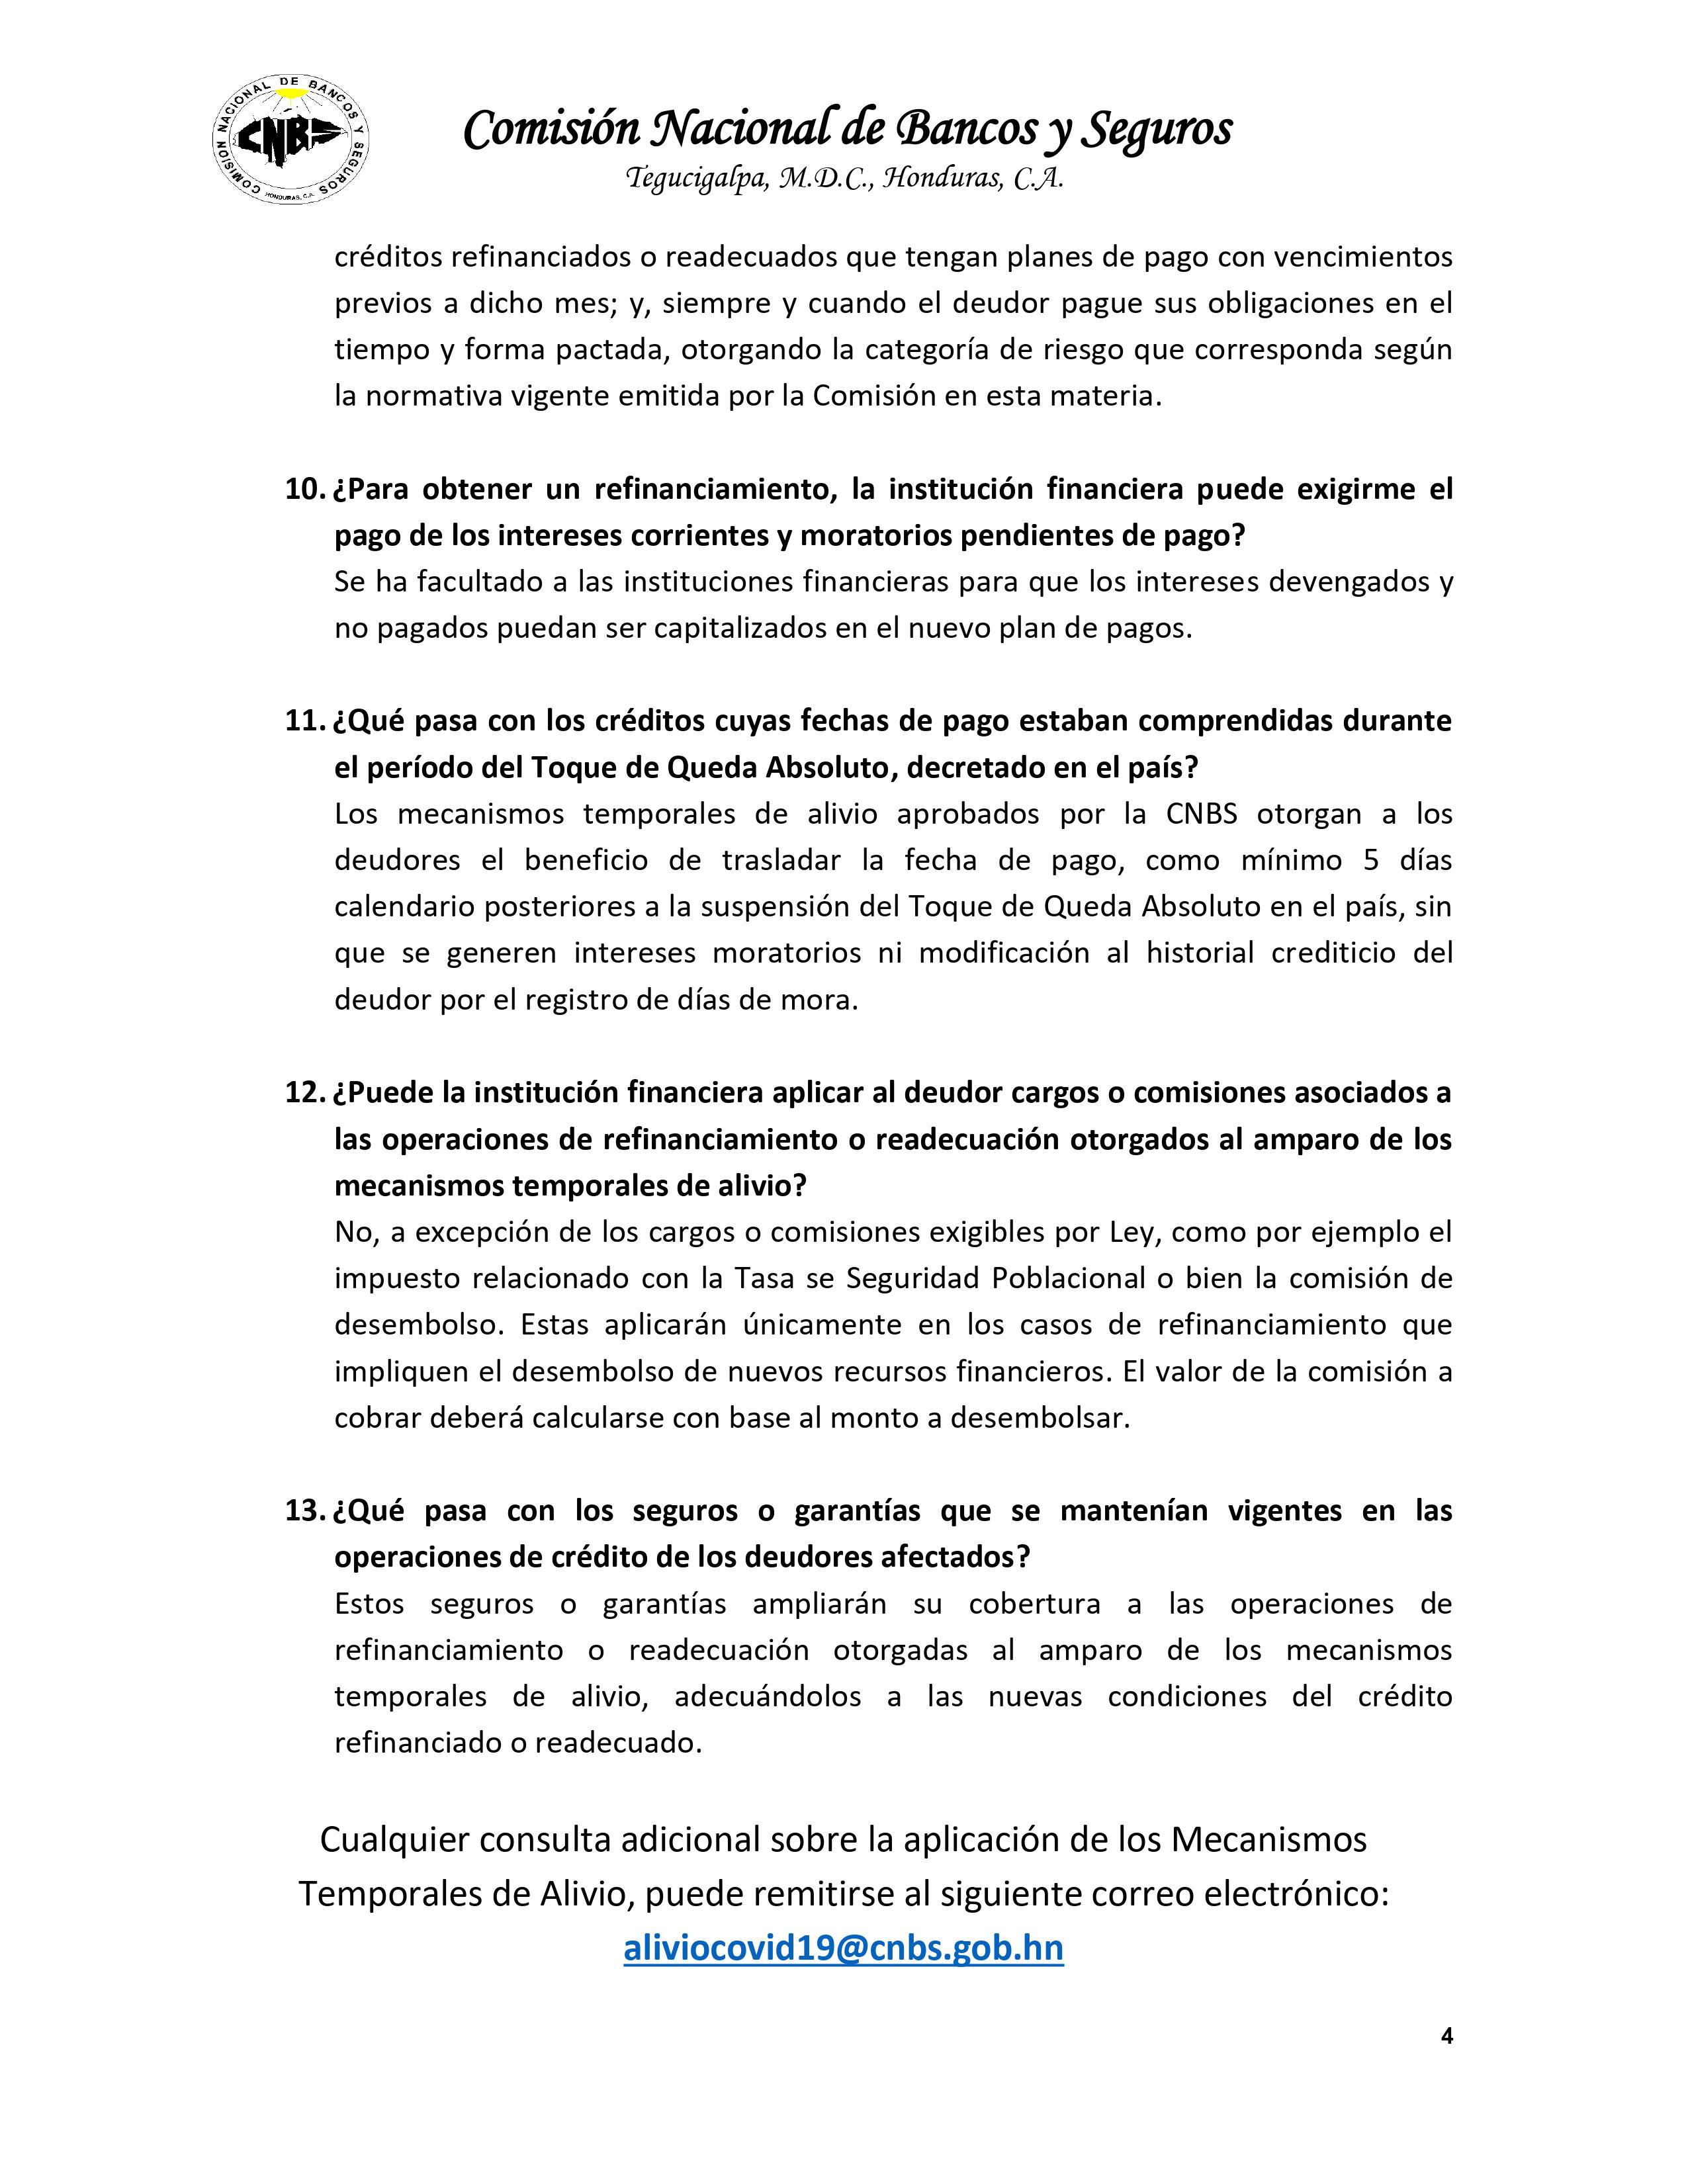 Plan de Alivio COVID19 CNBS Pagina 4 de 4